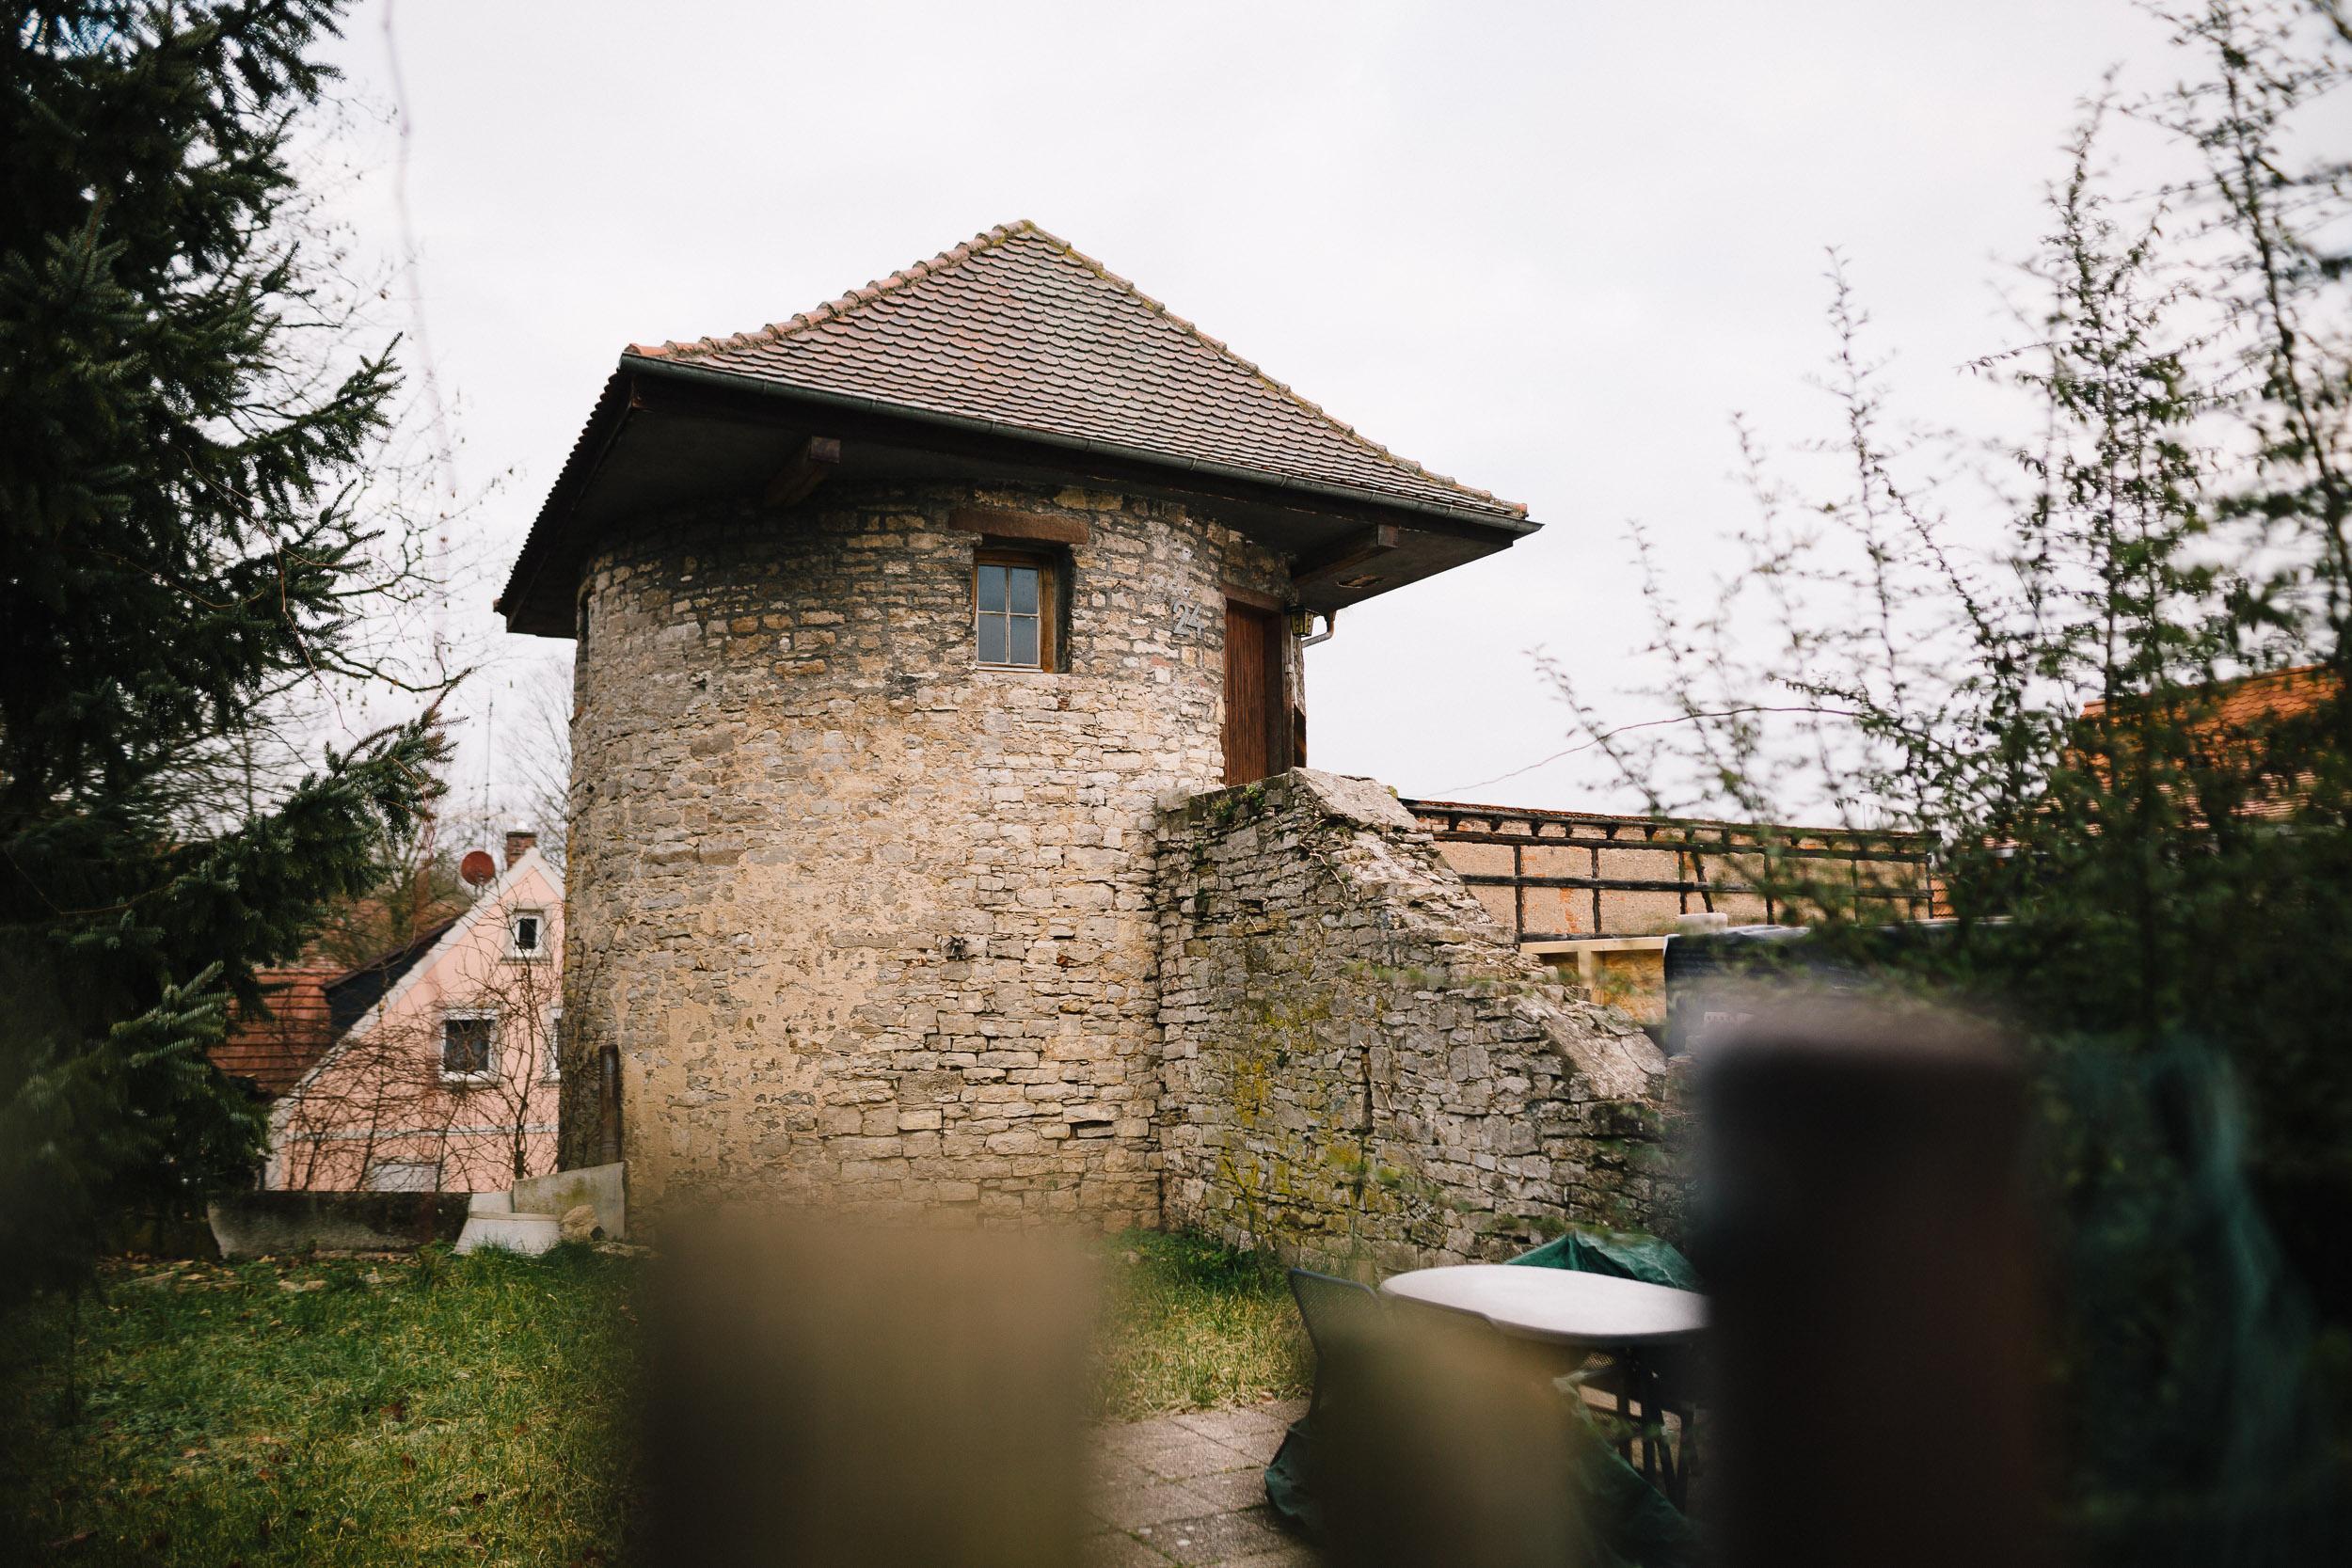 ISOVER-Steildach-Challenge-Dettelbach-002.jpg